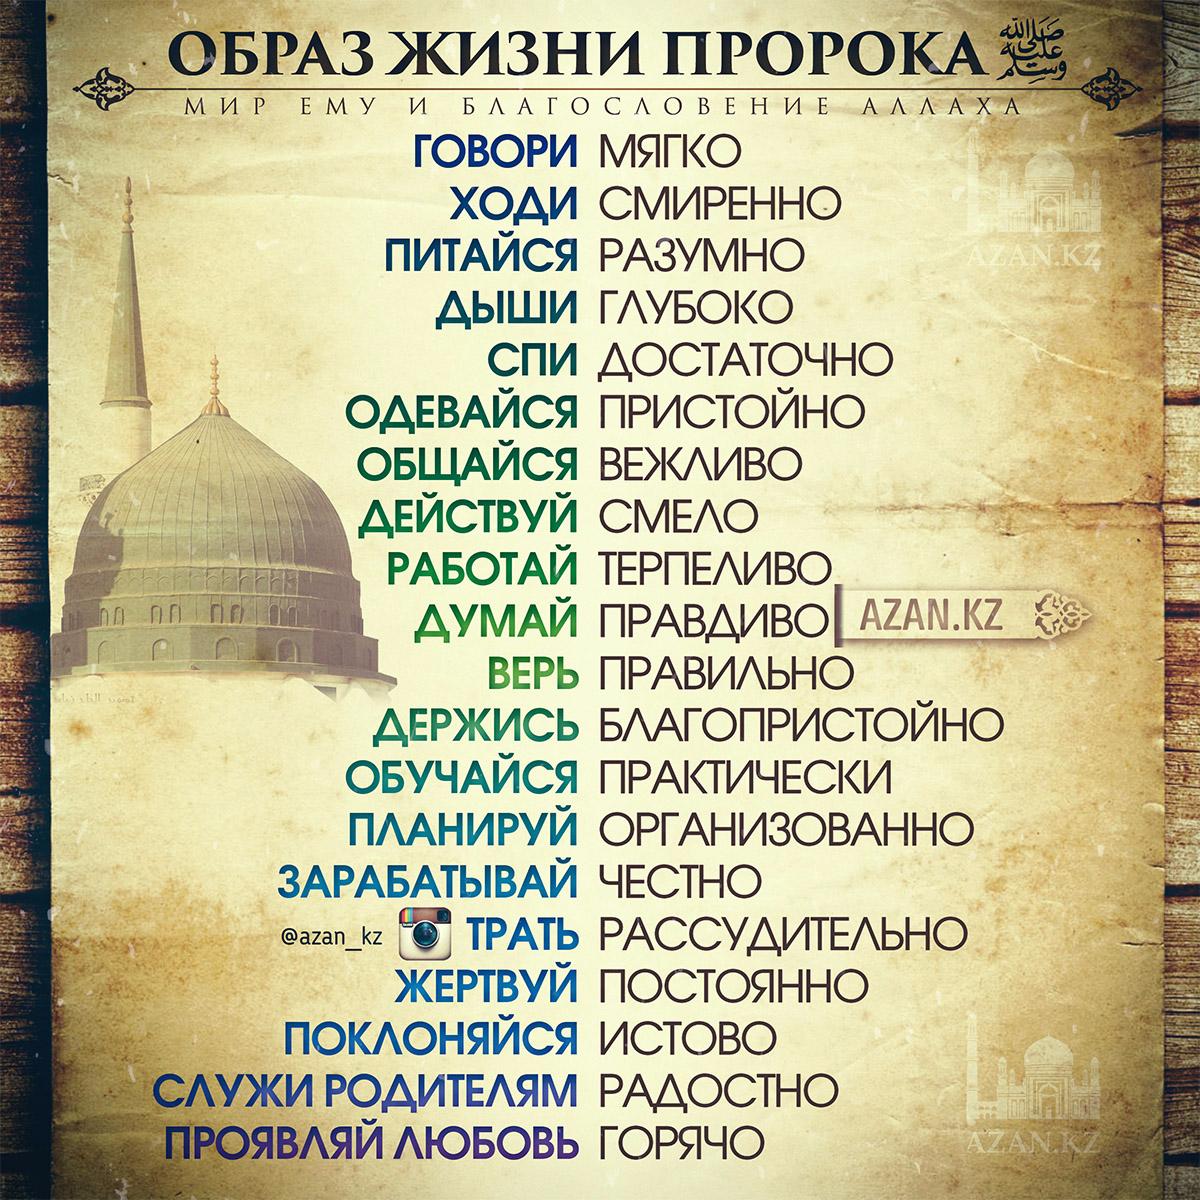 Цитаты на татарском языке о жизни с переводом